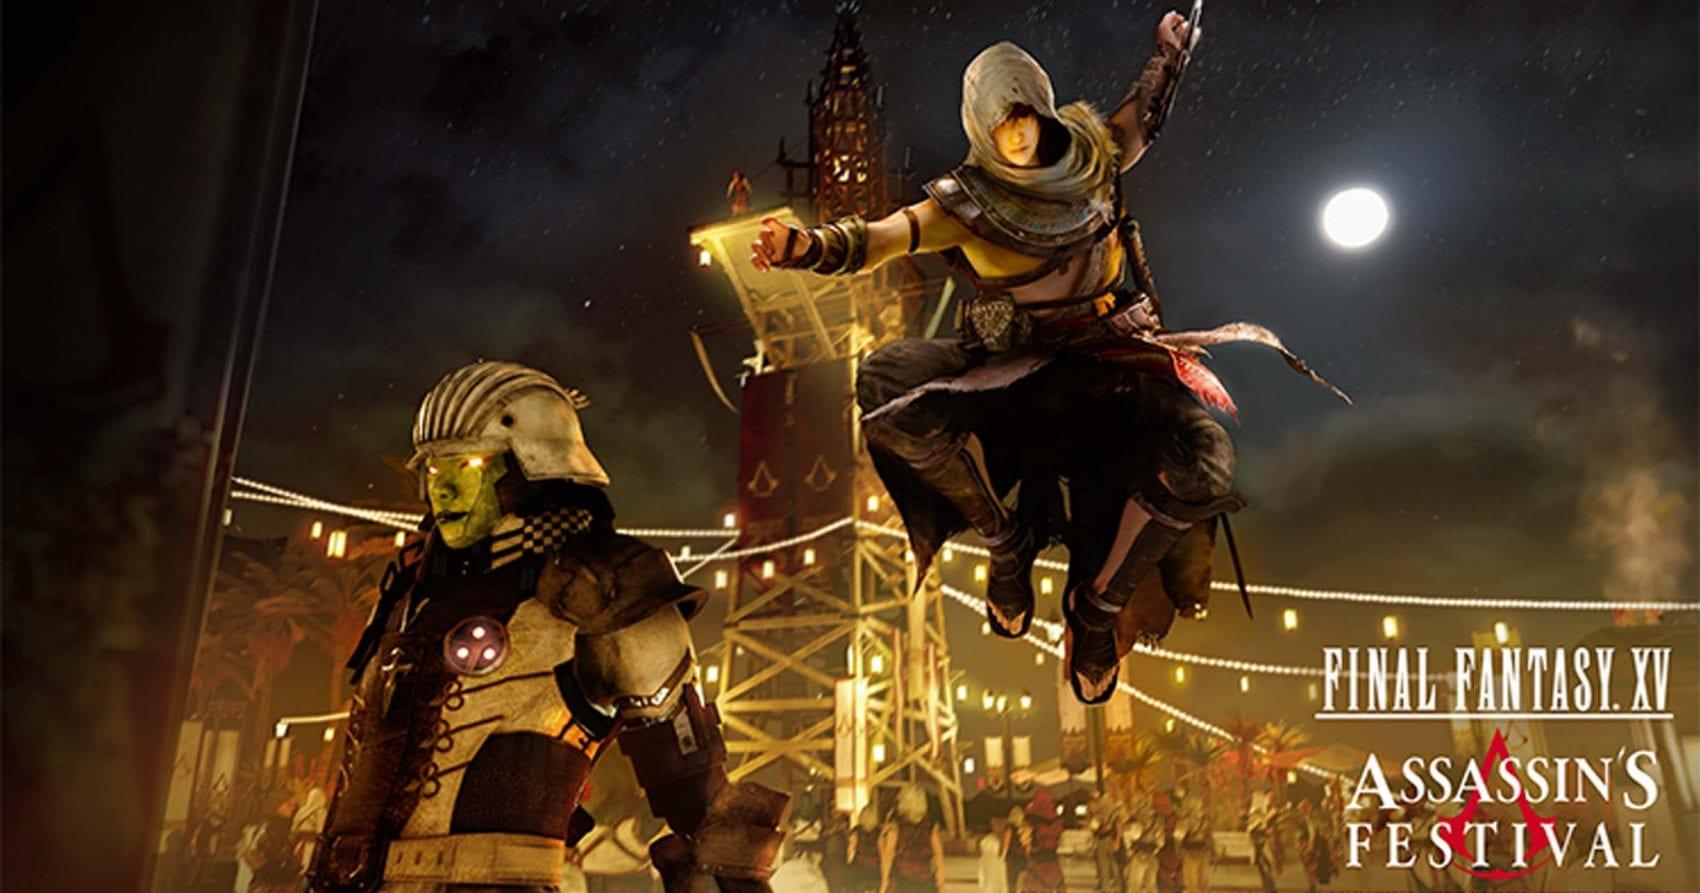 NEWS – Final Fantasy XV: Assassin's Festival